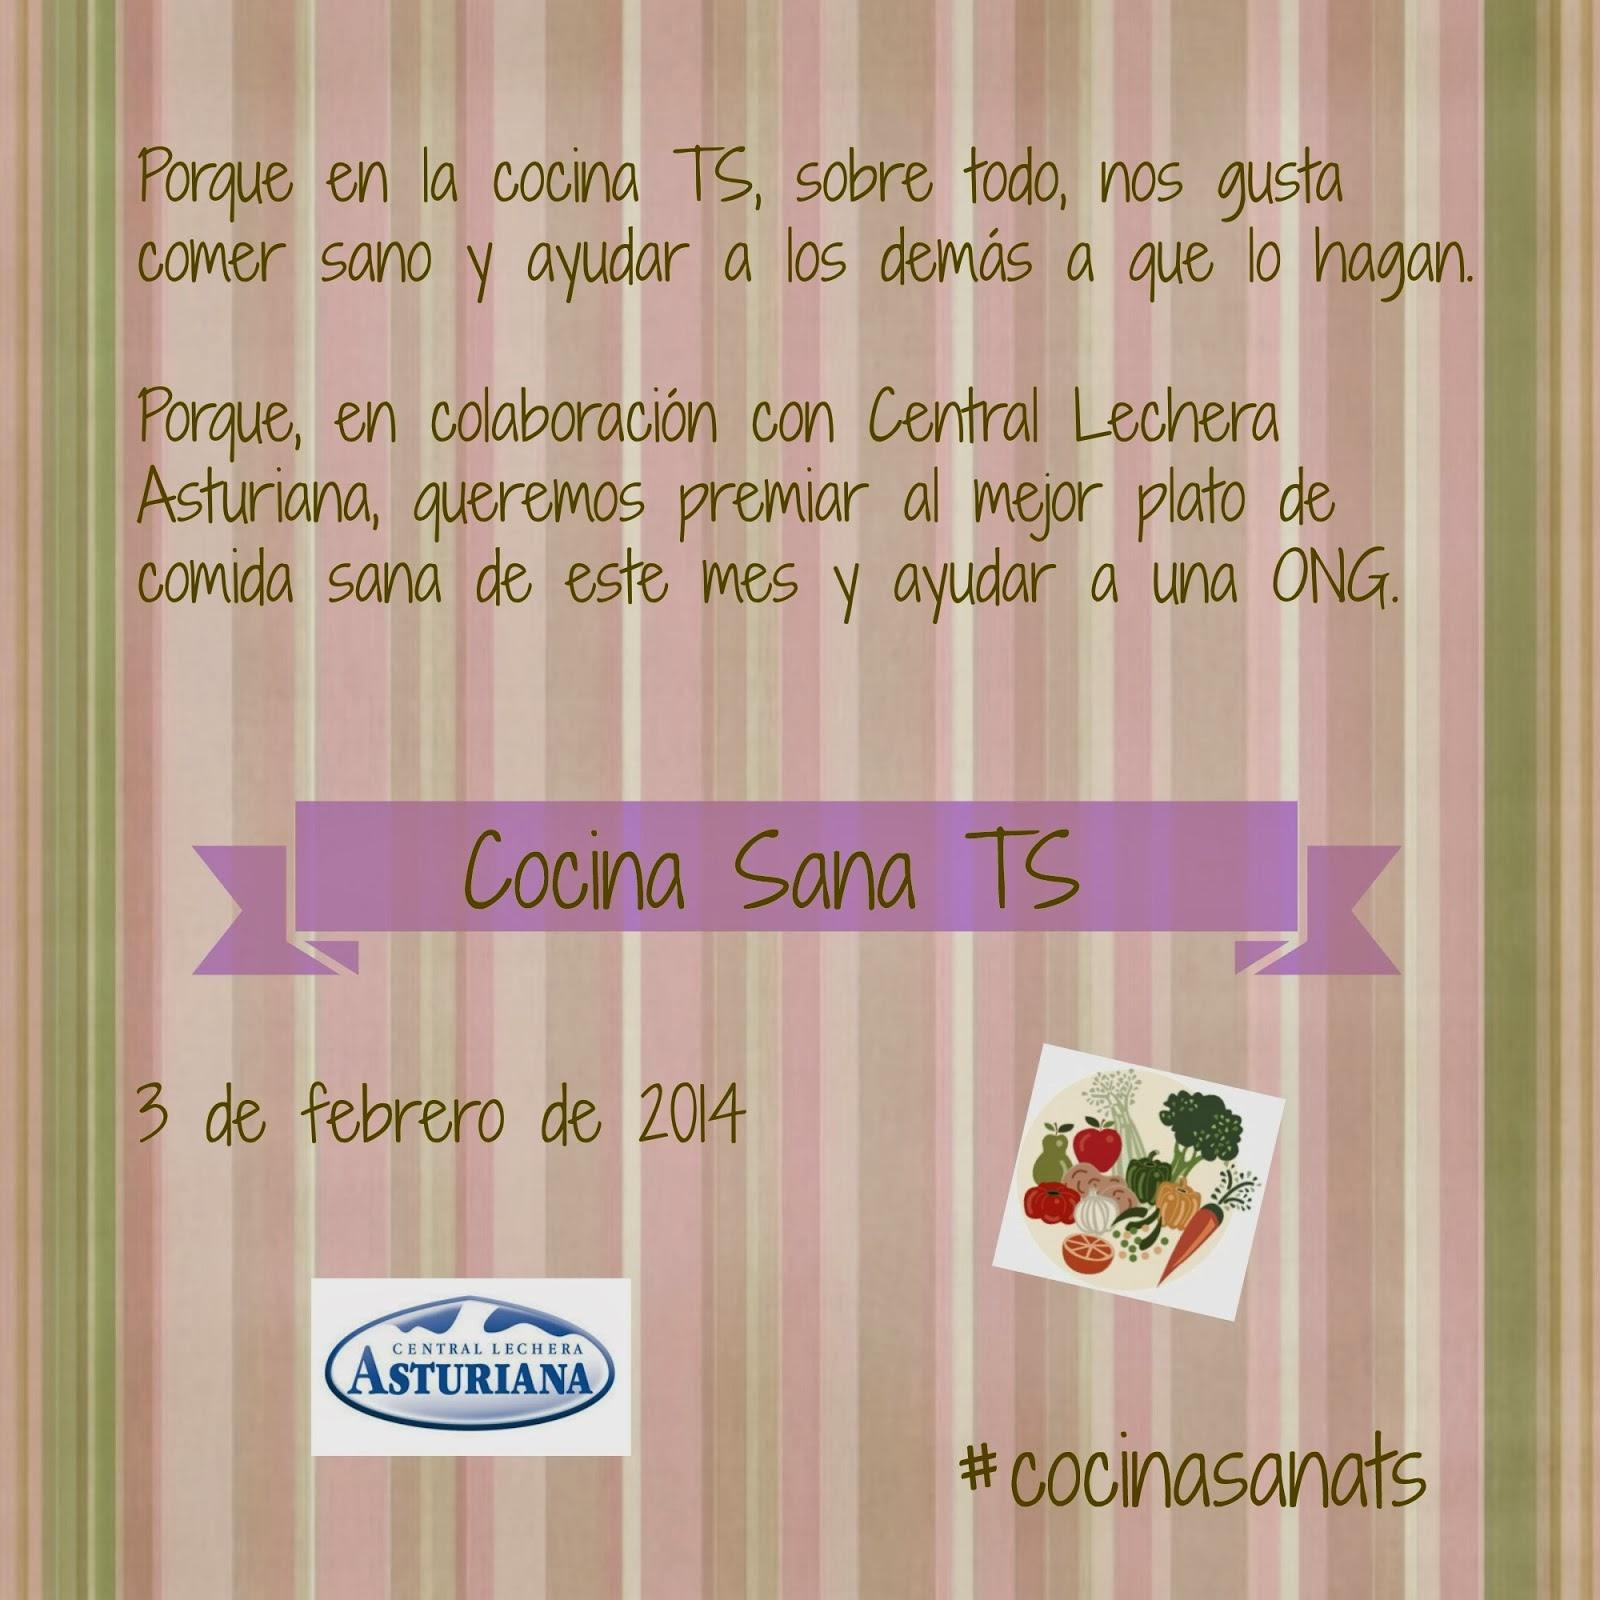 http://lacocinats.blogspot.com.es/2014/01/concurso-de-recetas-solidario-con.html